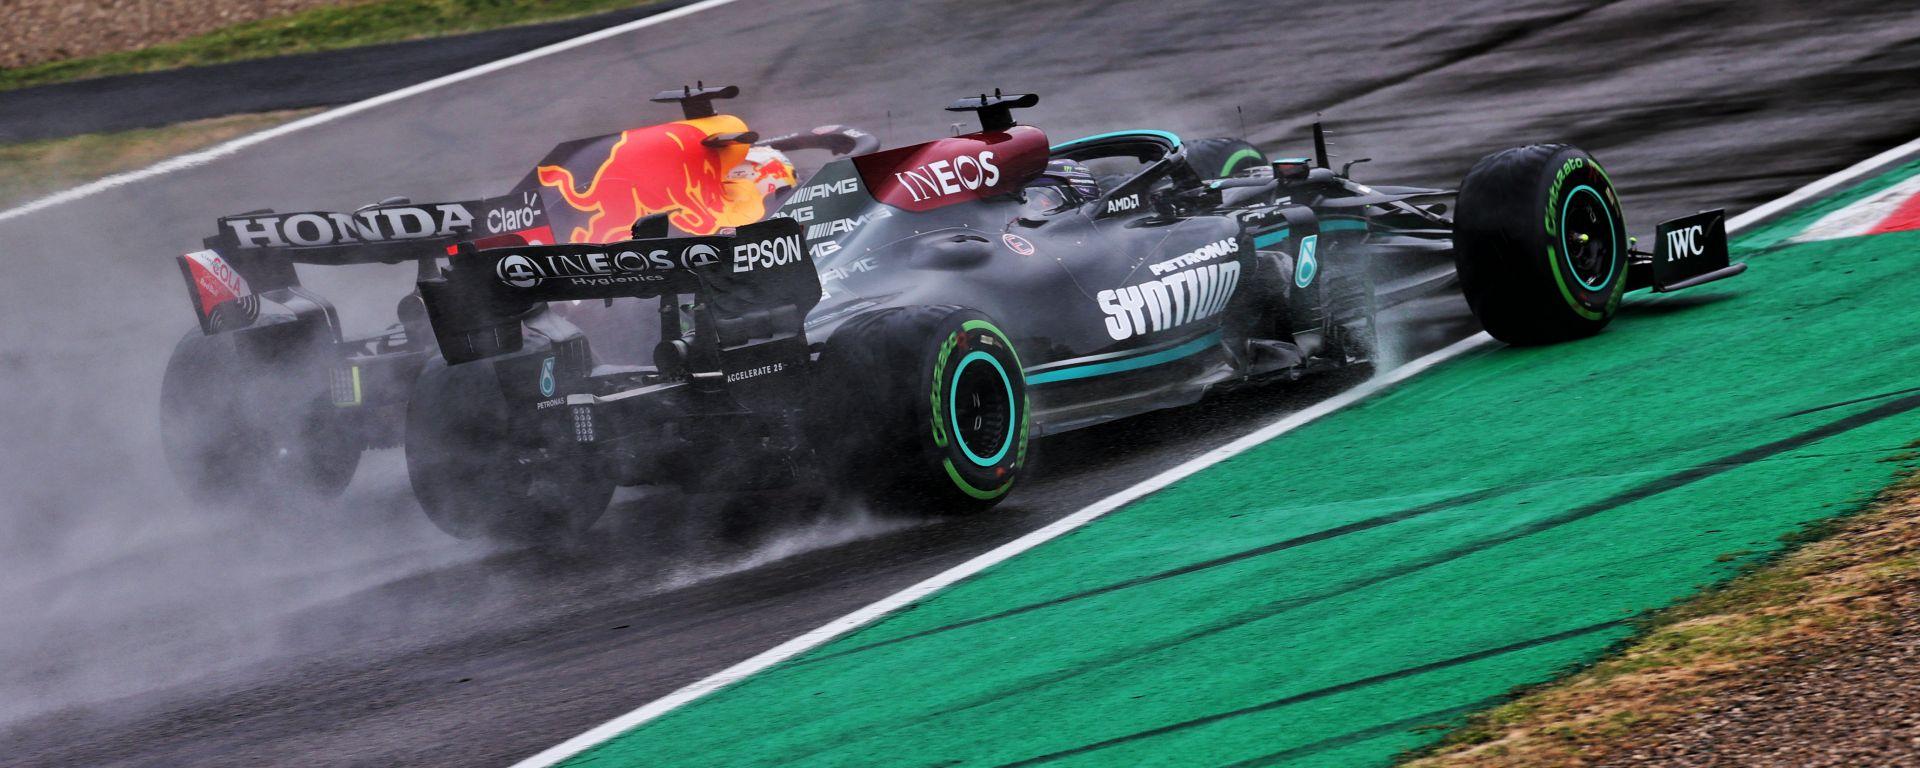 F1 GP Emilia Romagna 2021: Trionfo Verstappen, Hamilton sbaglia ma è 2° in rimonta